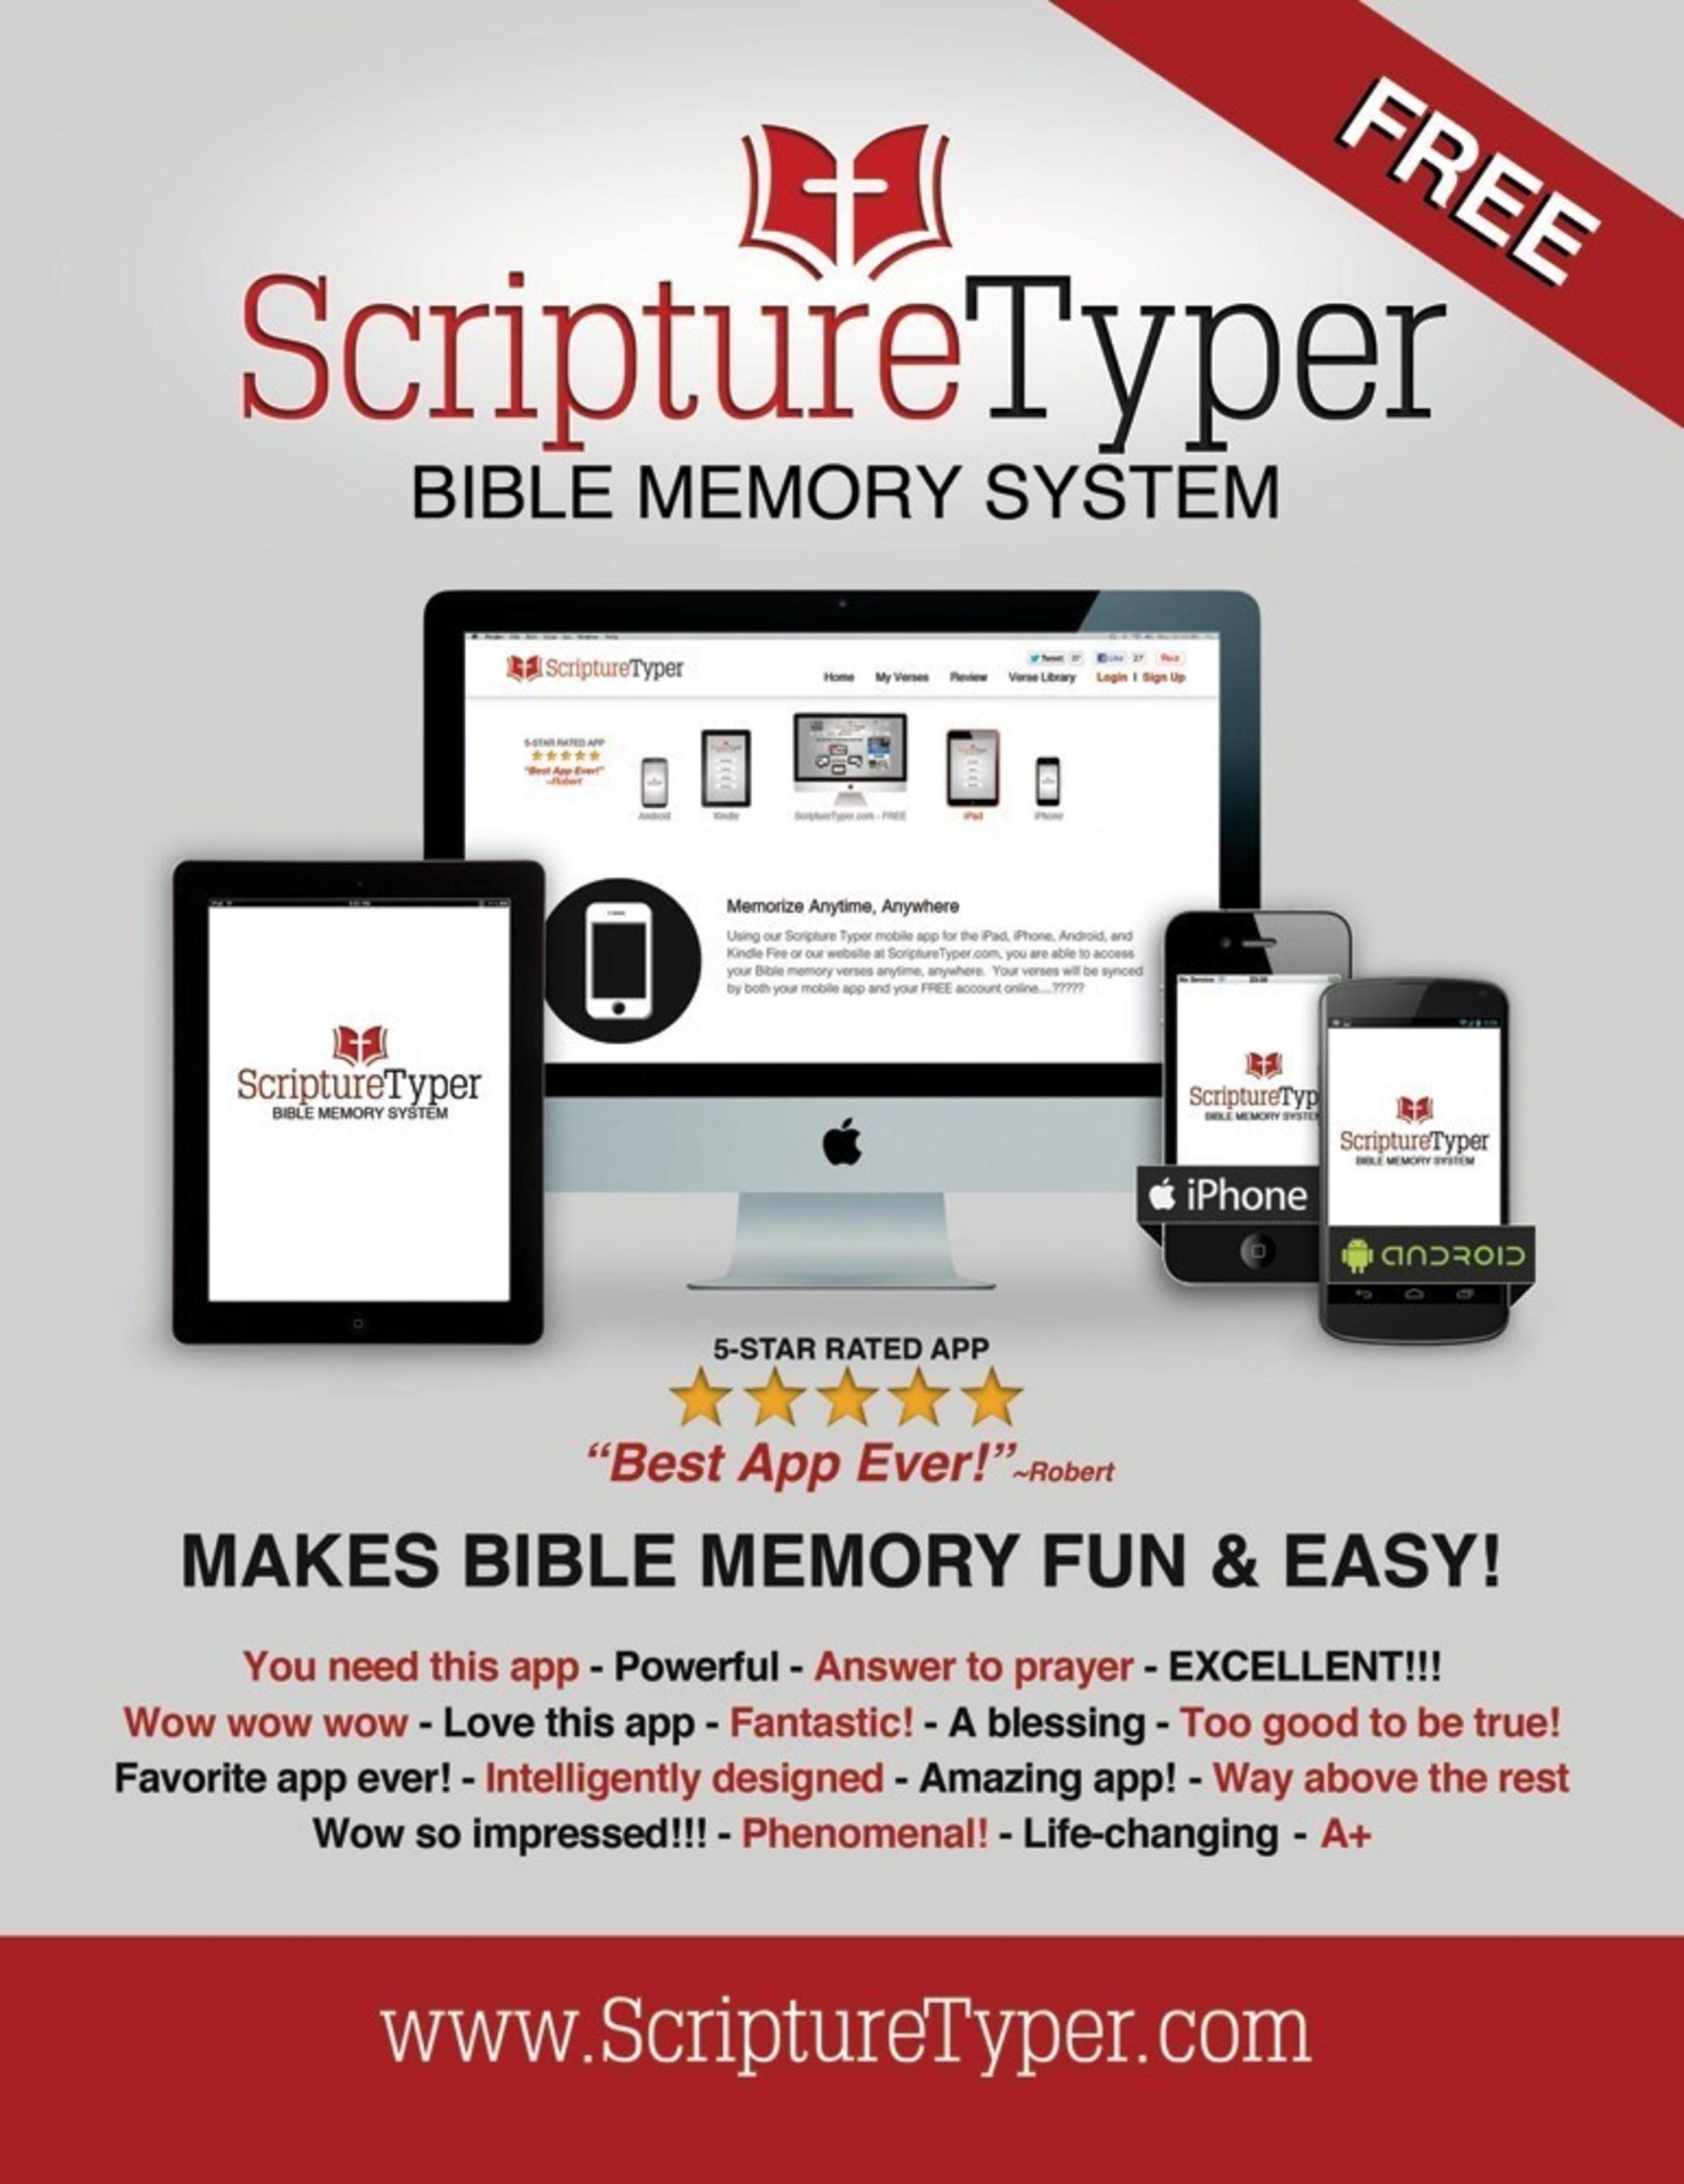 Scripture Typer Bible Memory App Releases its Biggest Update